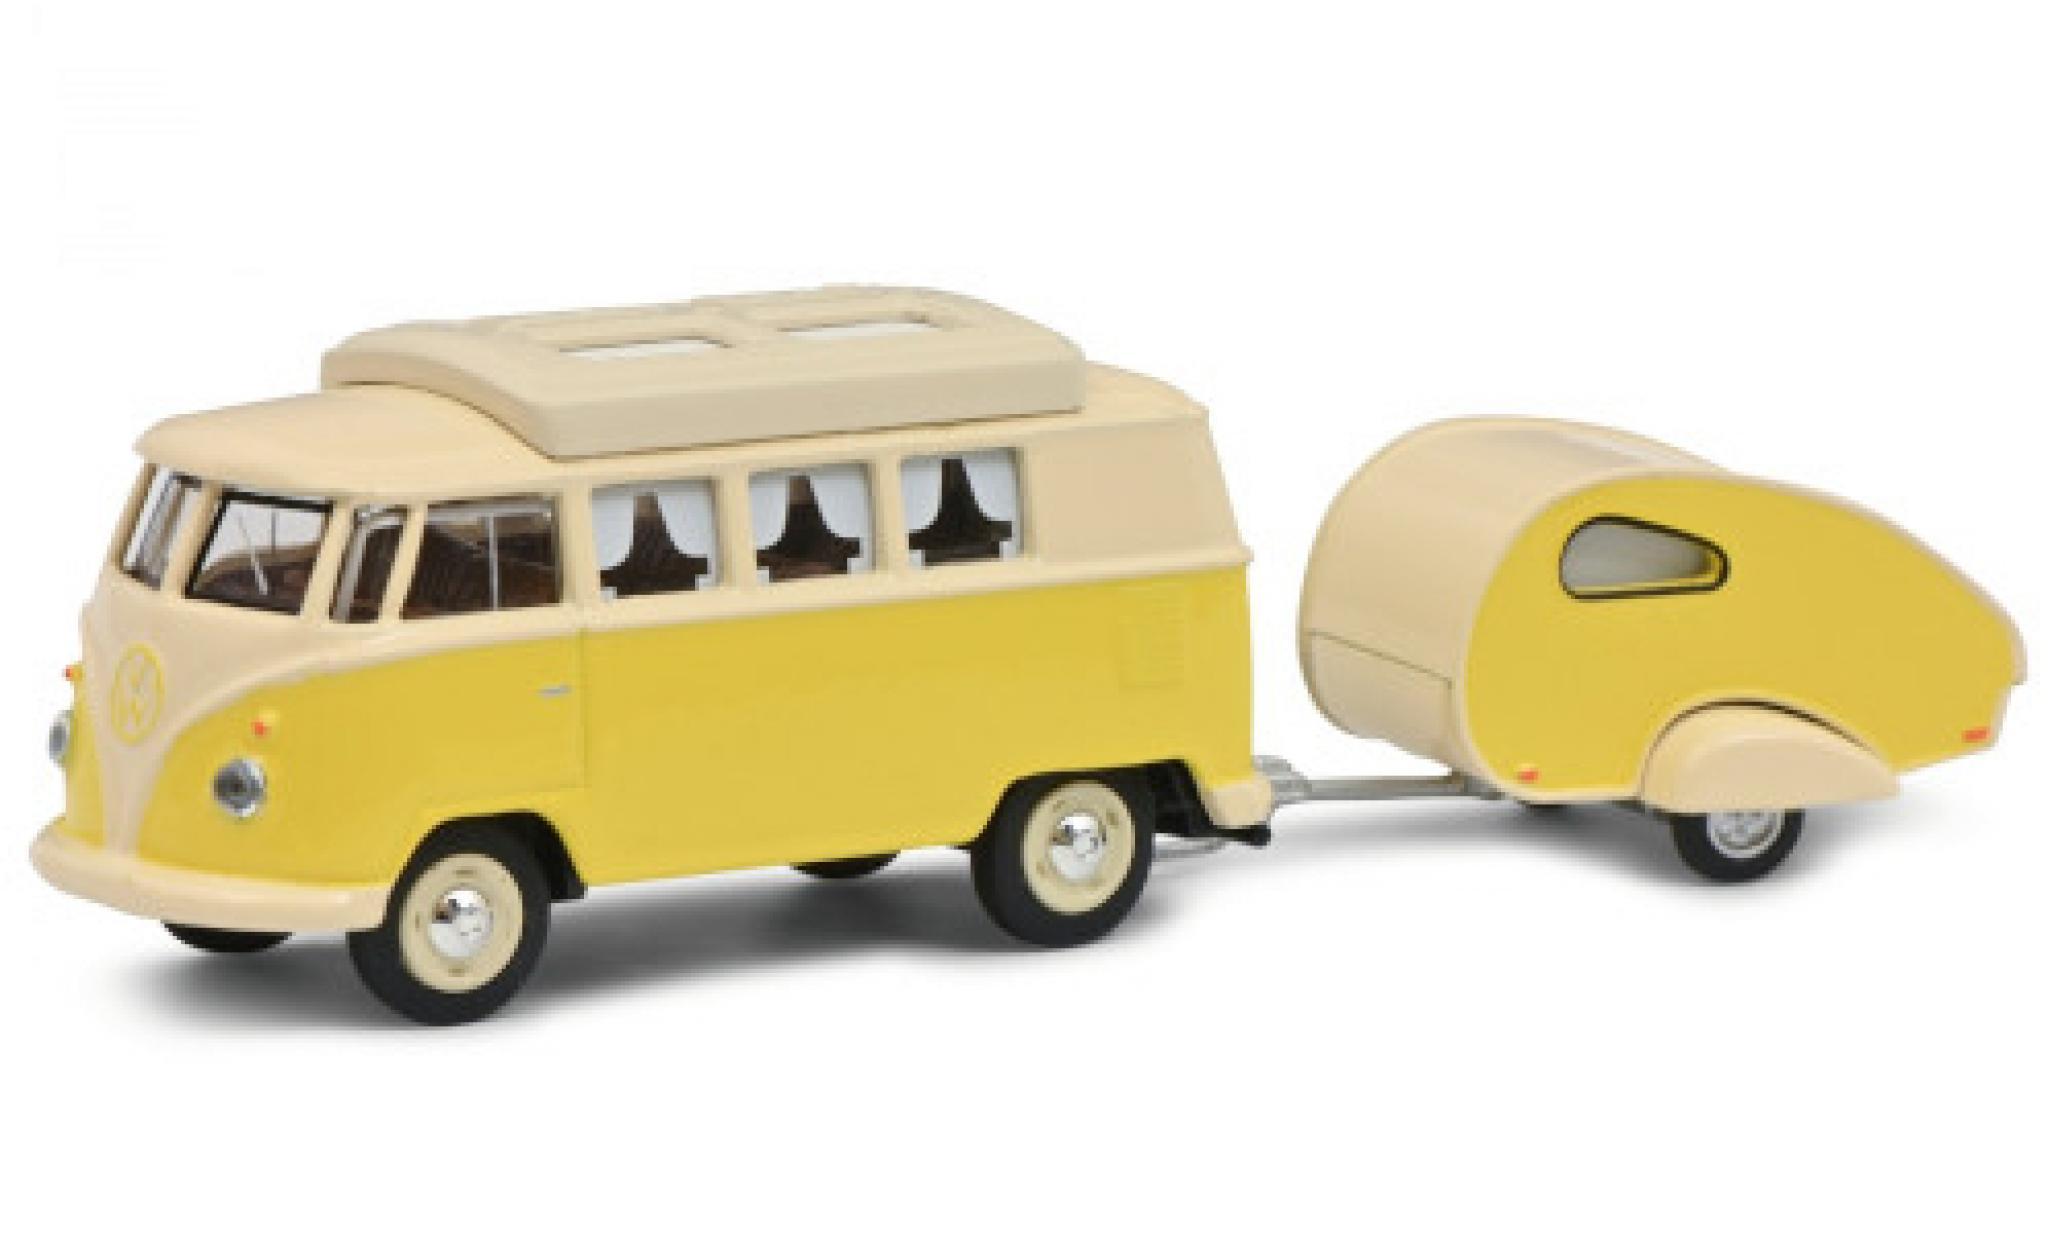 Volkswagen T1 1/64 Schuco Camper yellow/beige avec caravane